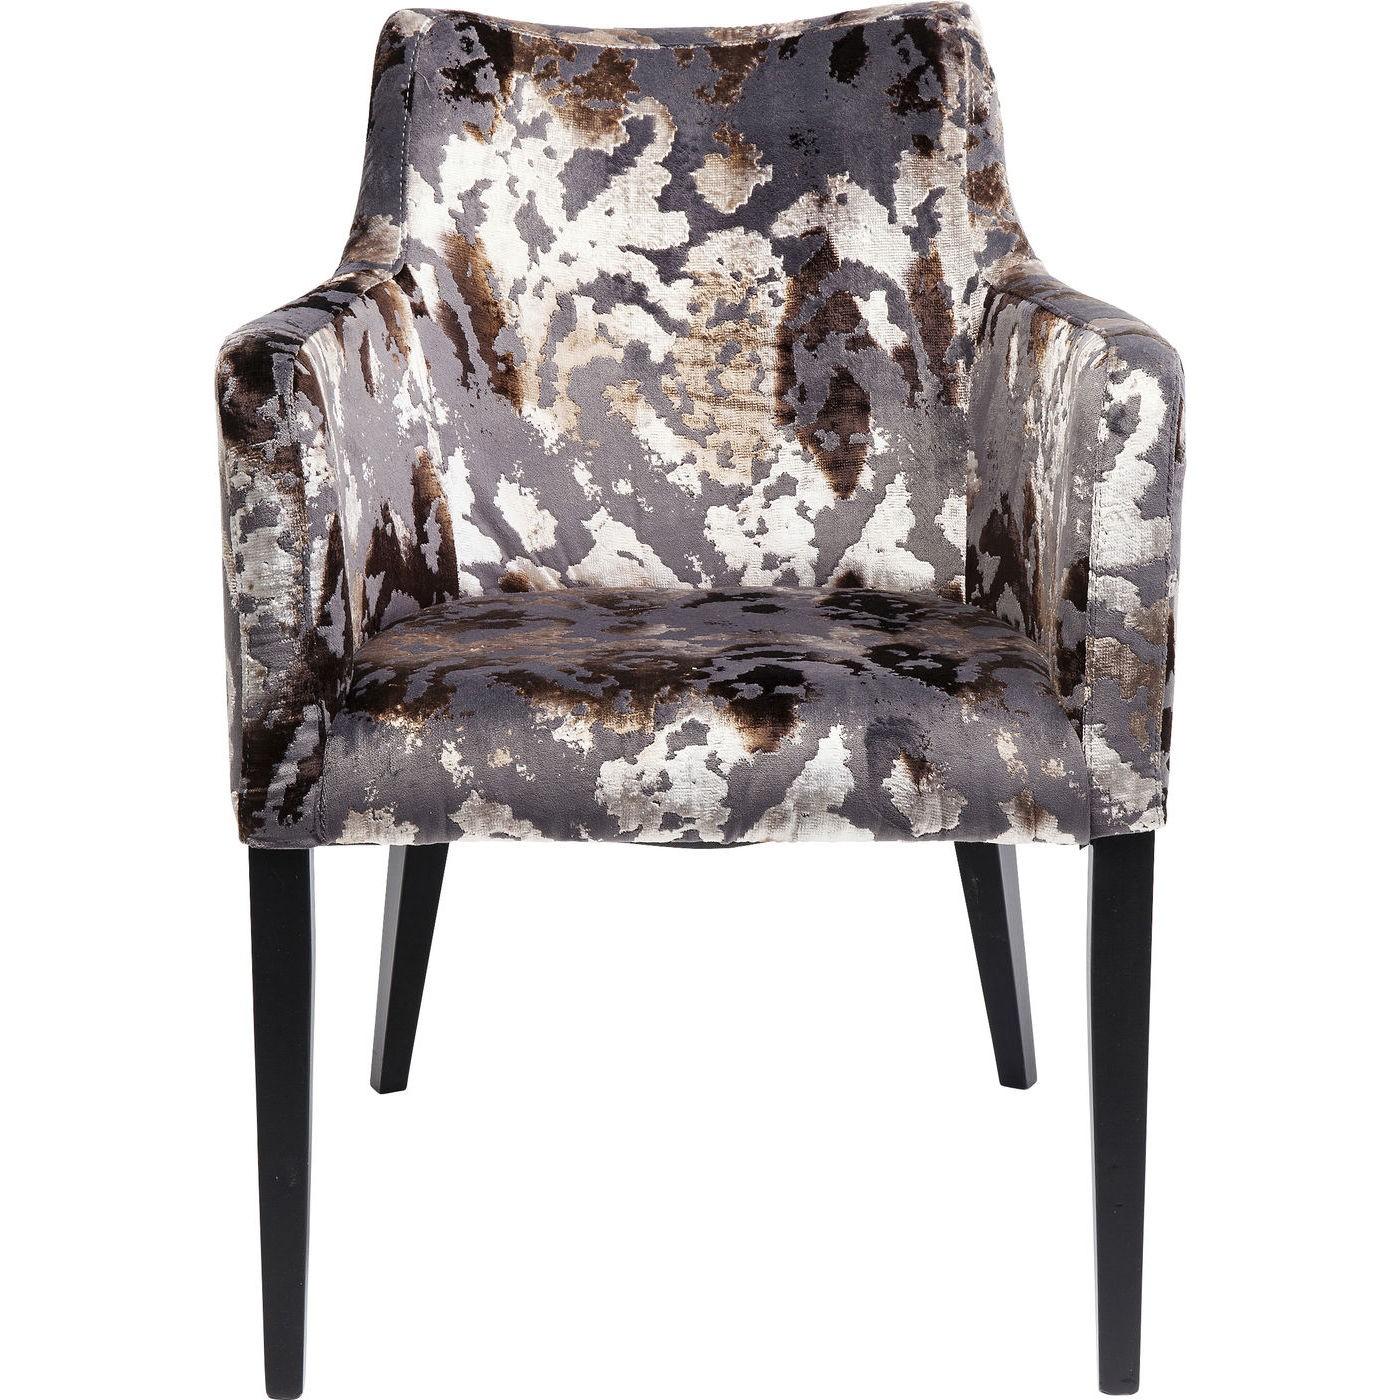 Chaise avec accoudoirs en velours marron et hêtre noir